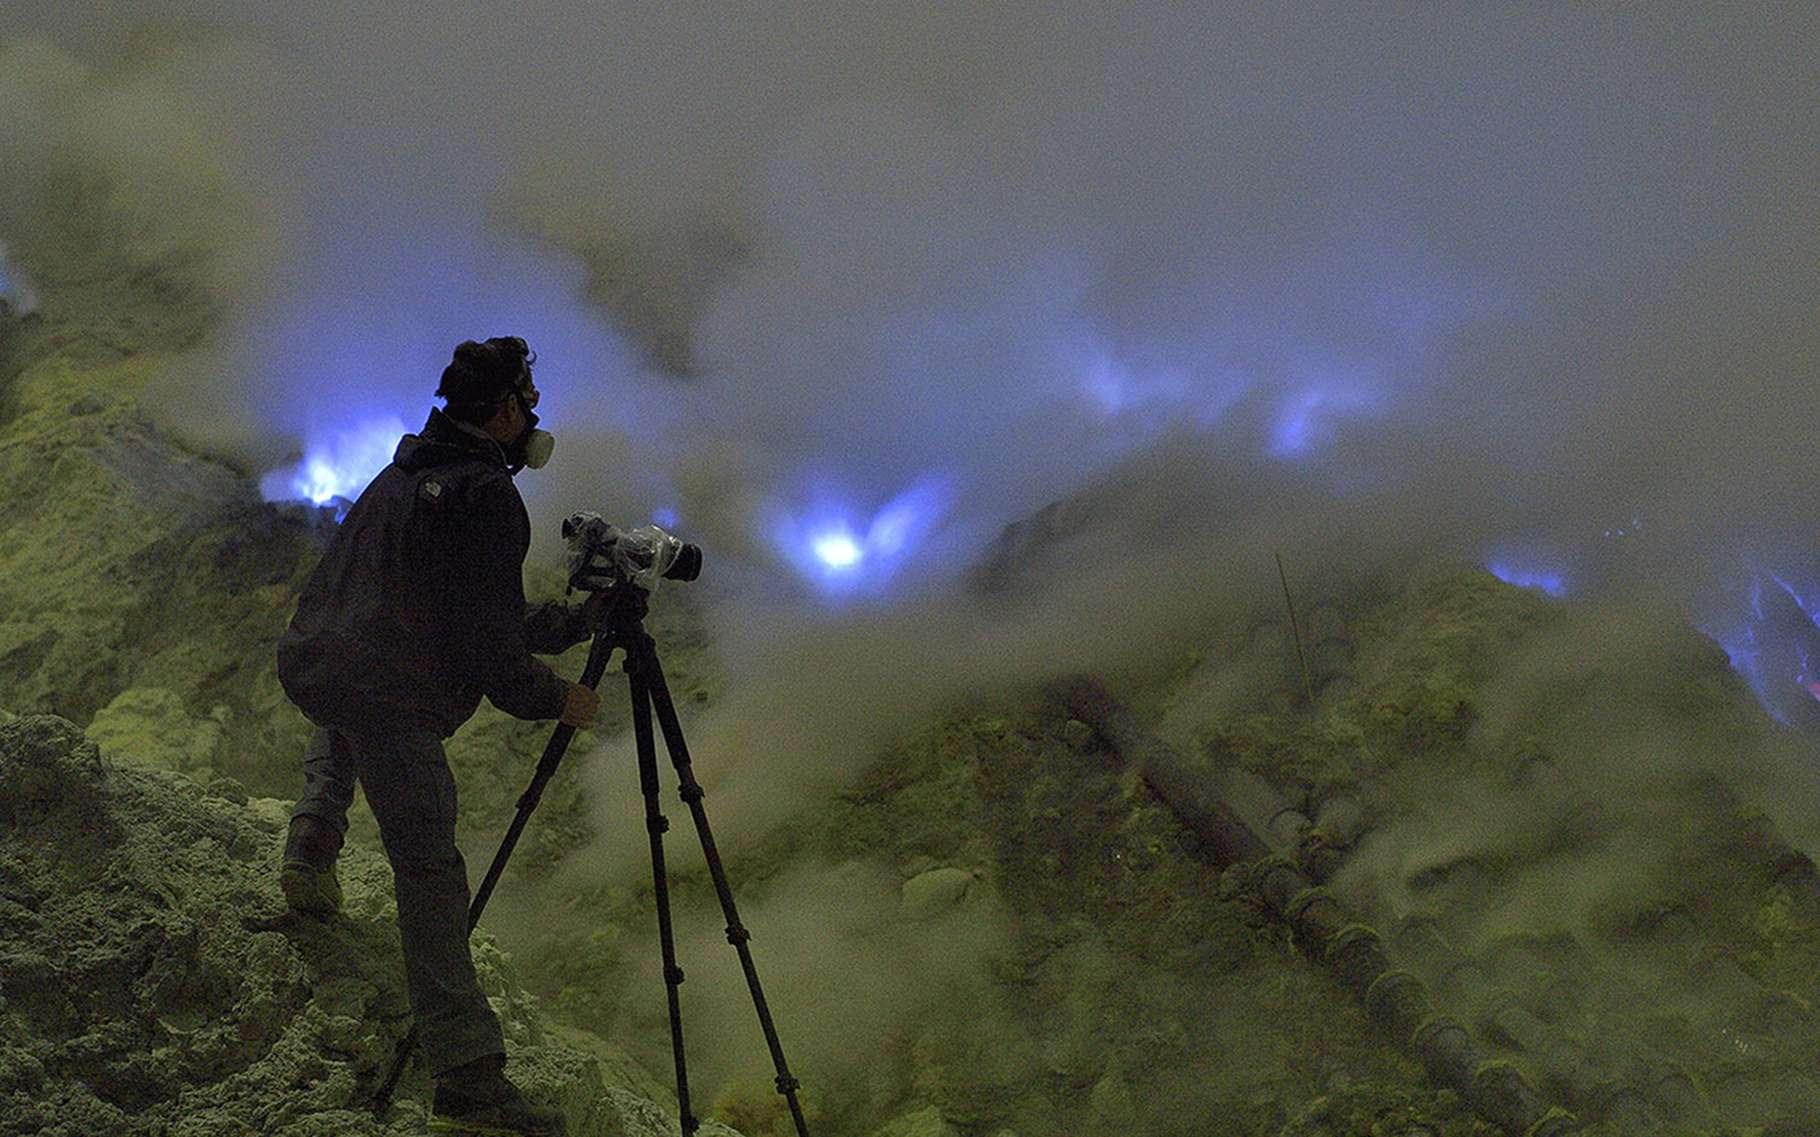 Le Kawah Ijen, un volcan indonésien qui crache des flammes bleues. © Olivier Grunewald, tous droits réservés